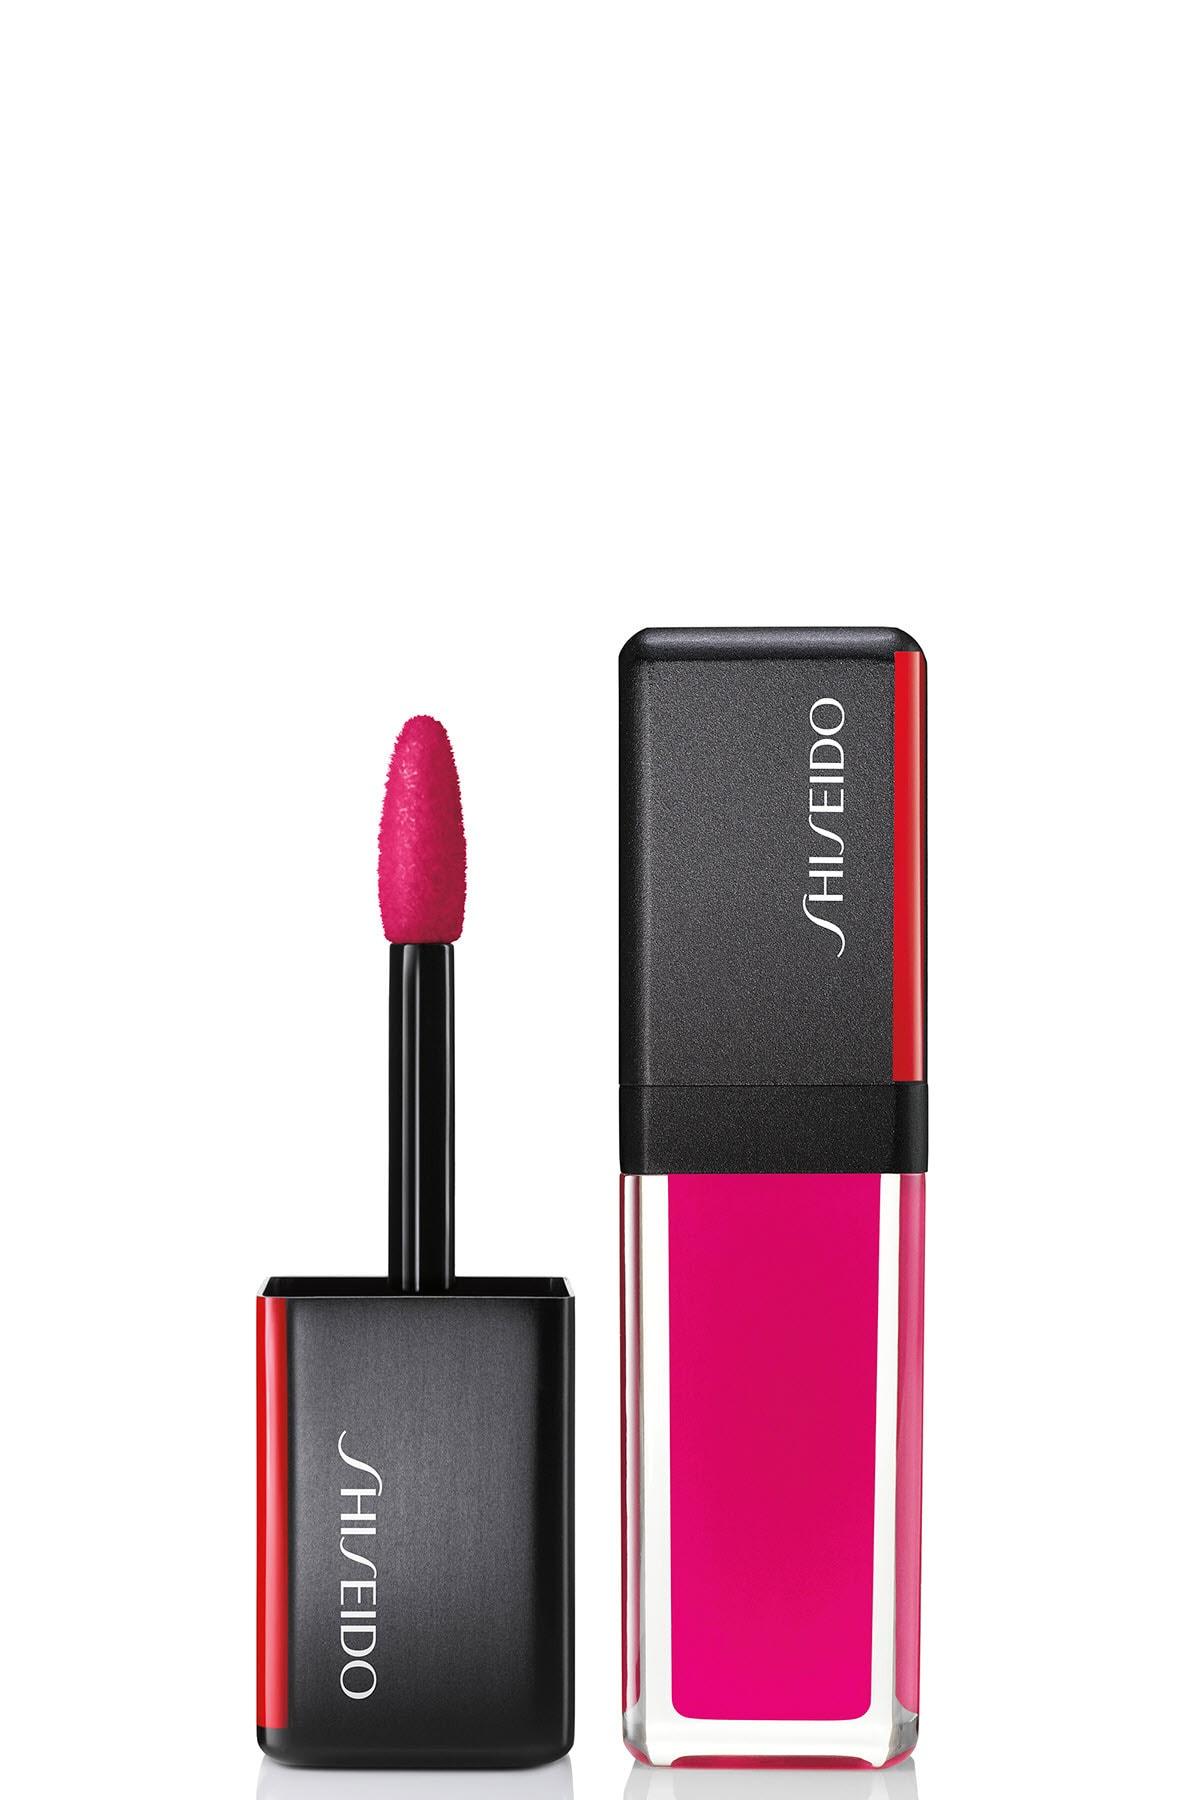 Shiseido Uzun Süre Dayanıklı Parlak Likit Ruj - SMK Lacquerink Lipshine 302 730852148253